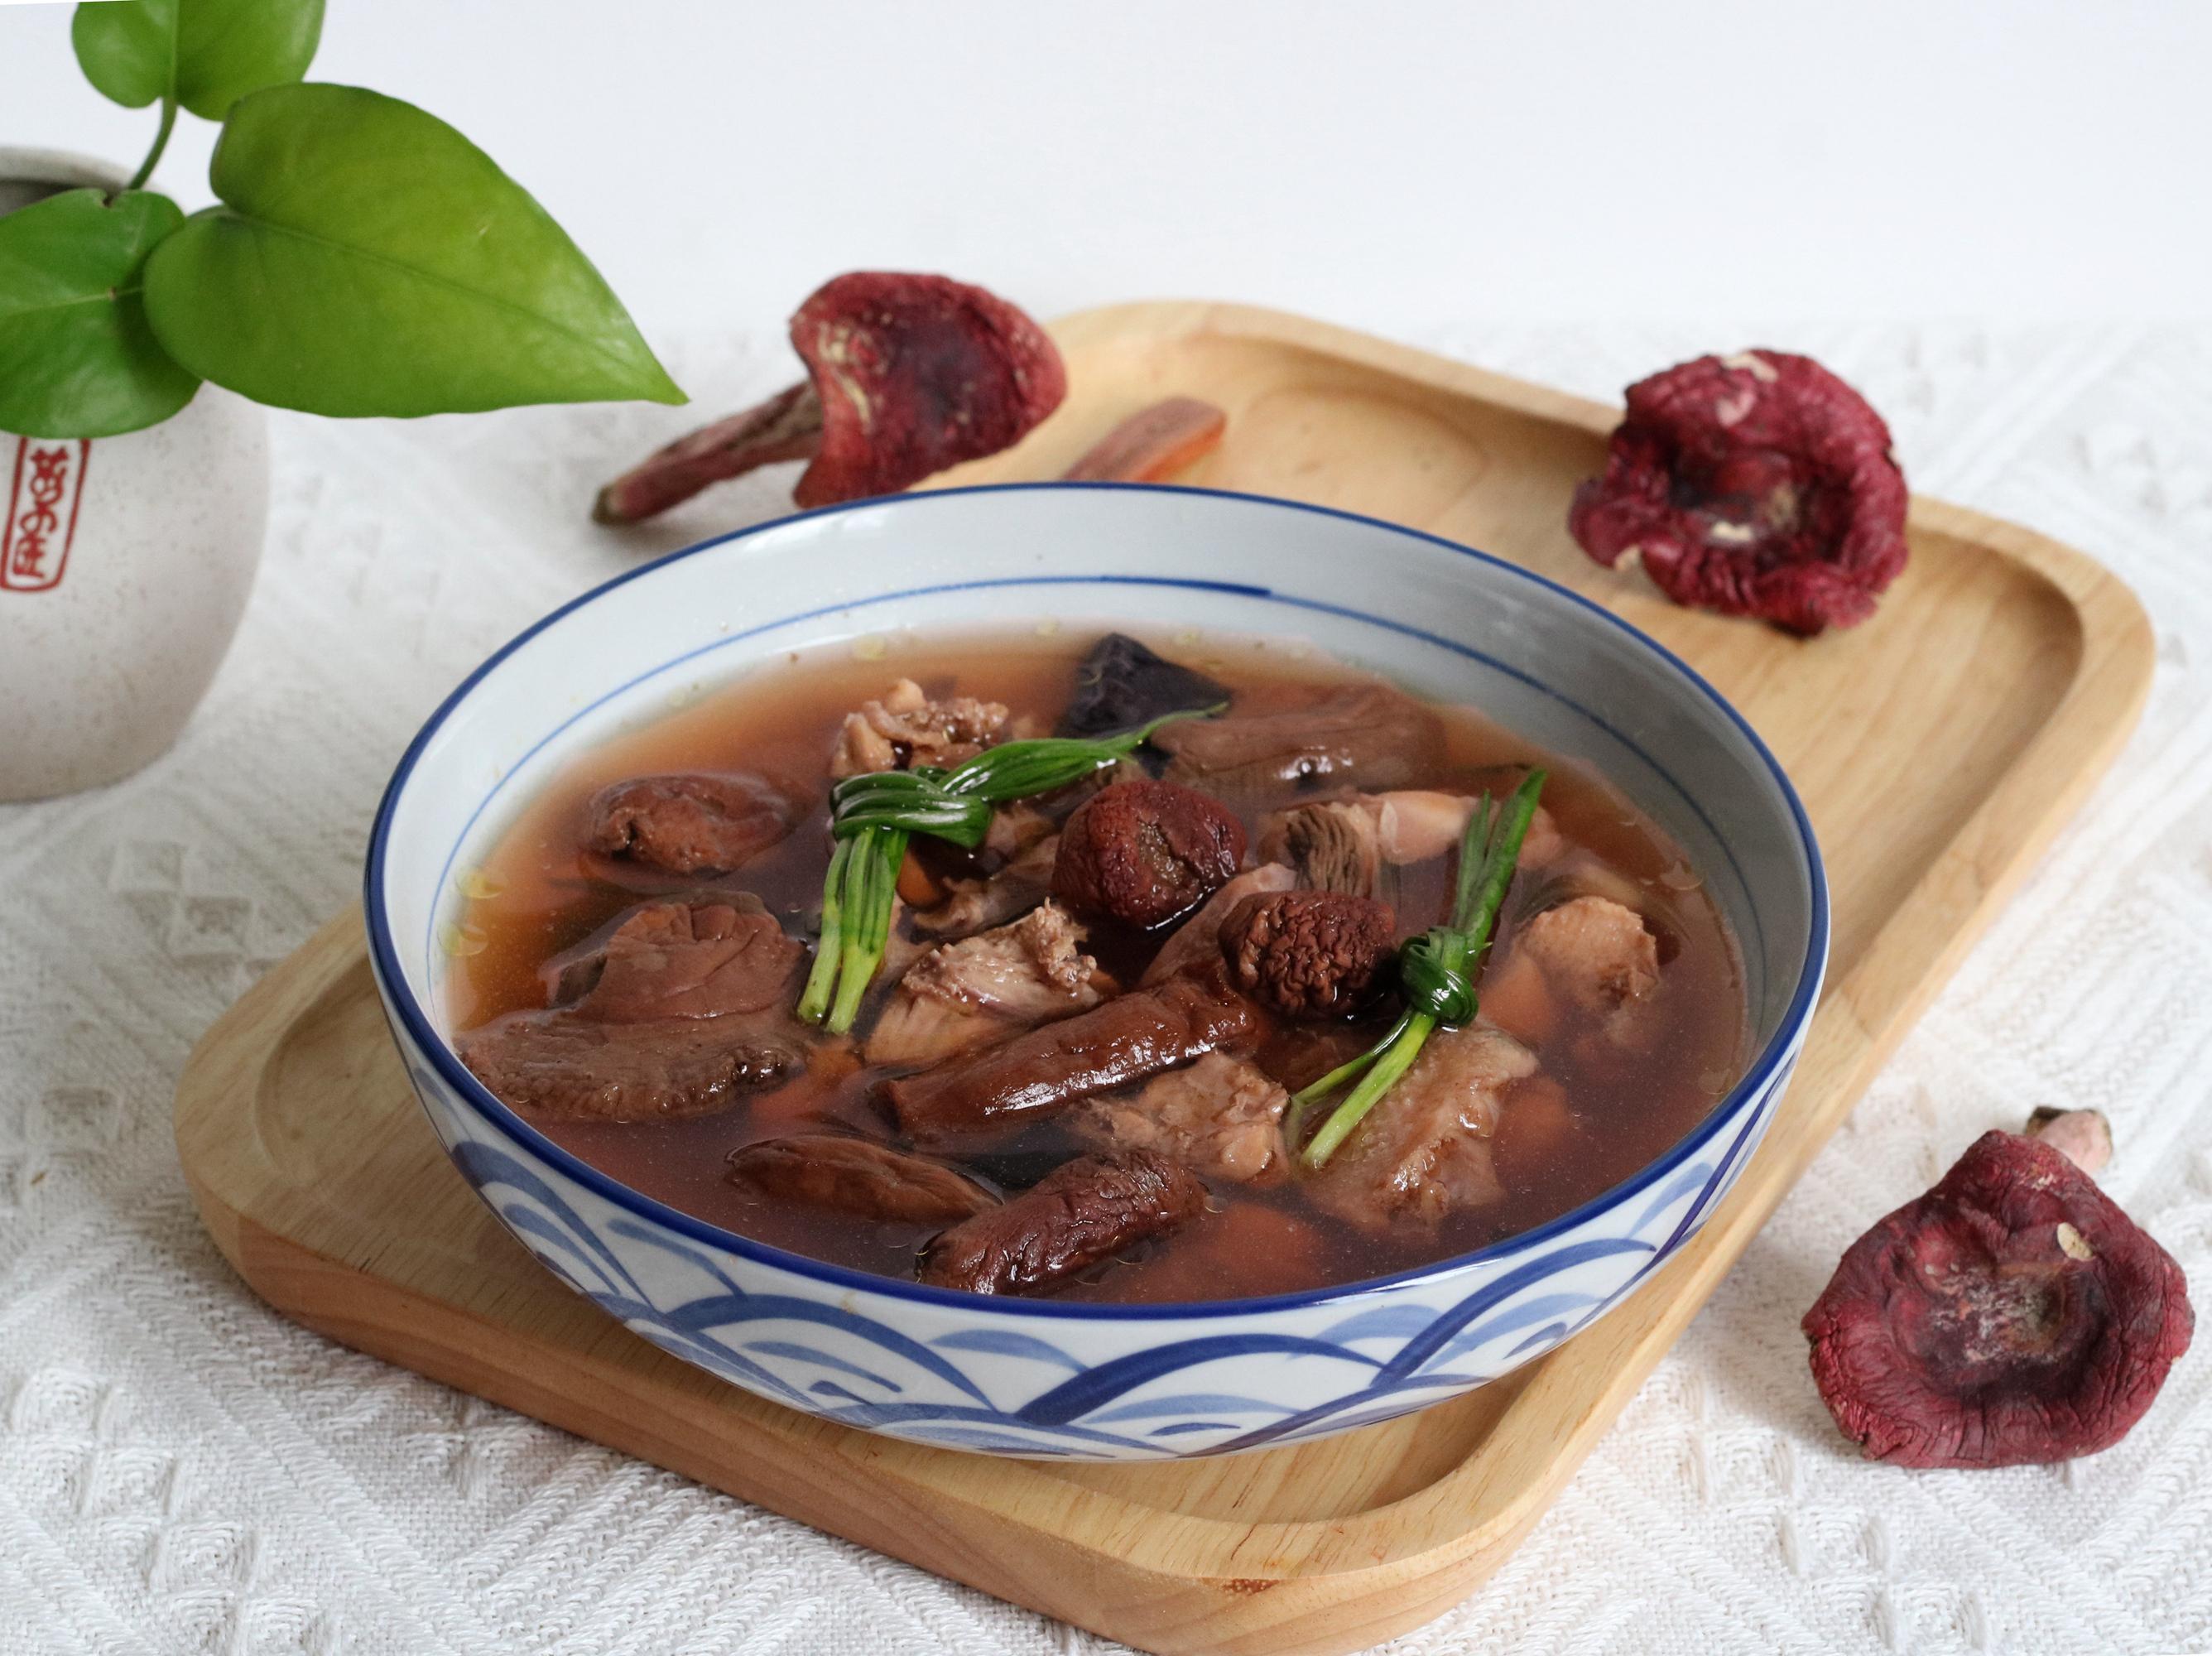 秋冬干燥喝汤最养人,这食材煲汤比排骨汤更营养,体质不好要多喝